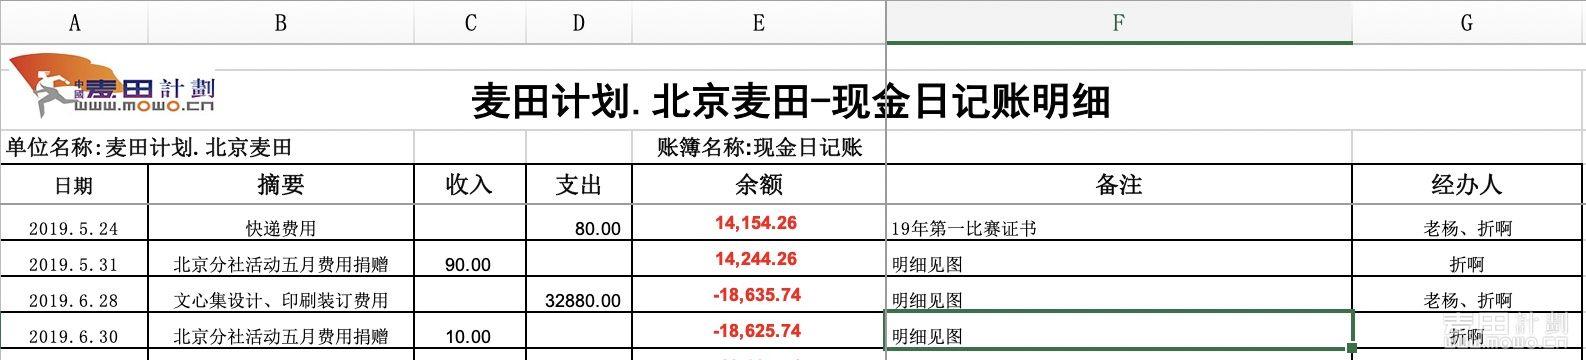 5-6月财务日记明细.JPG